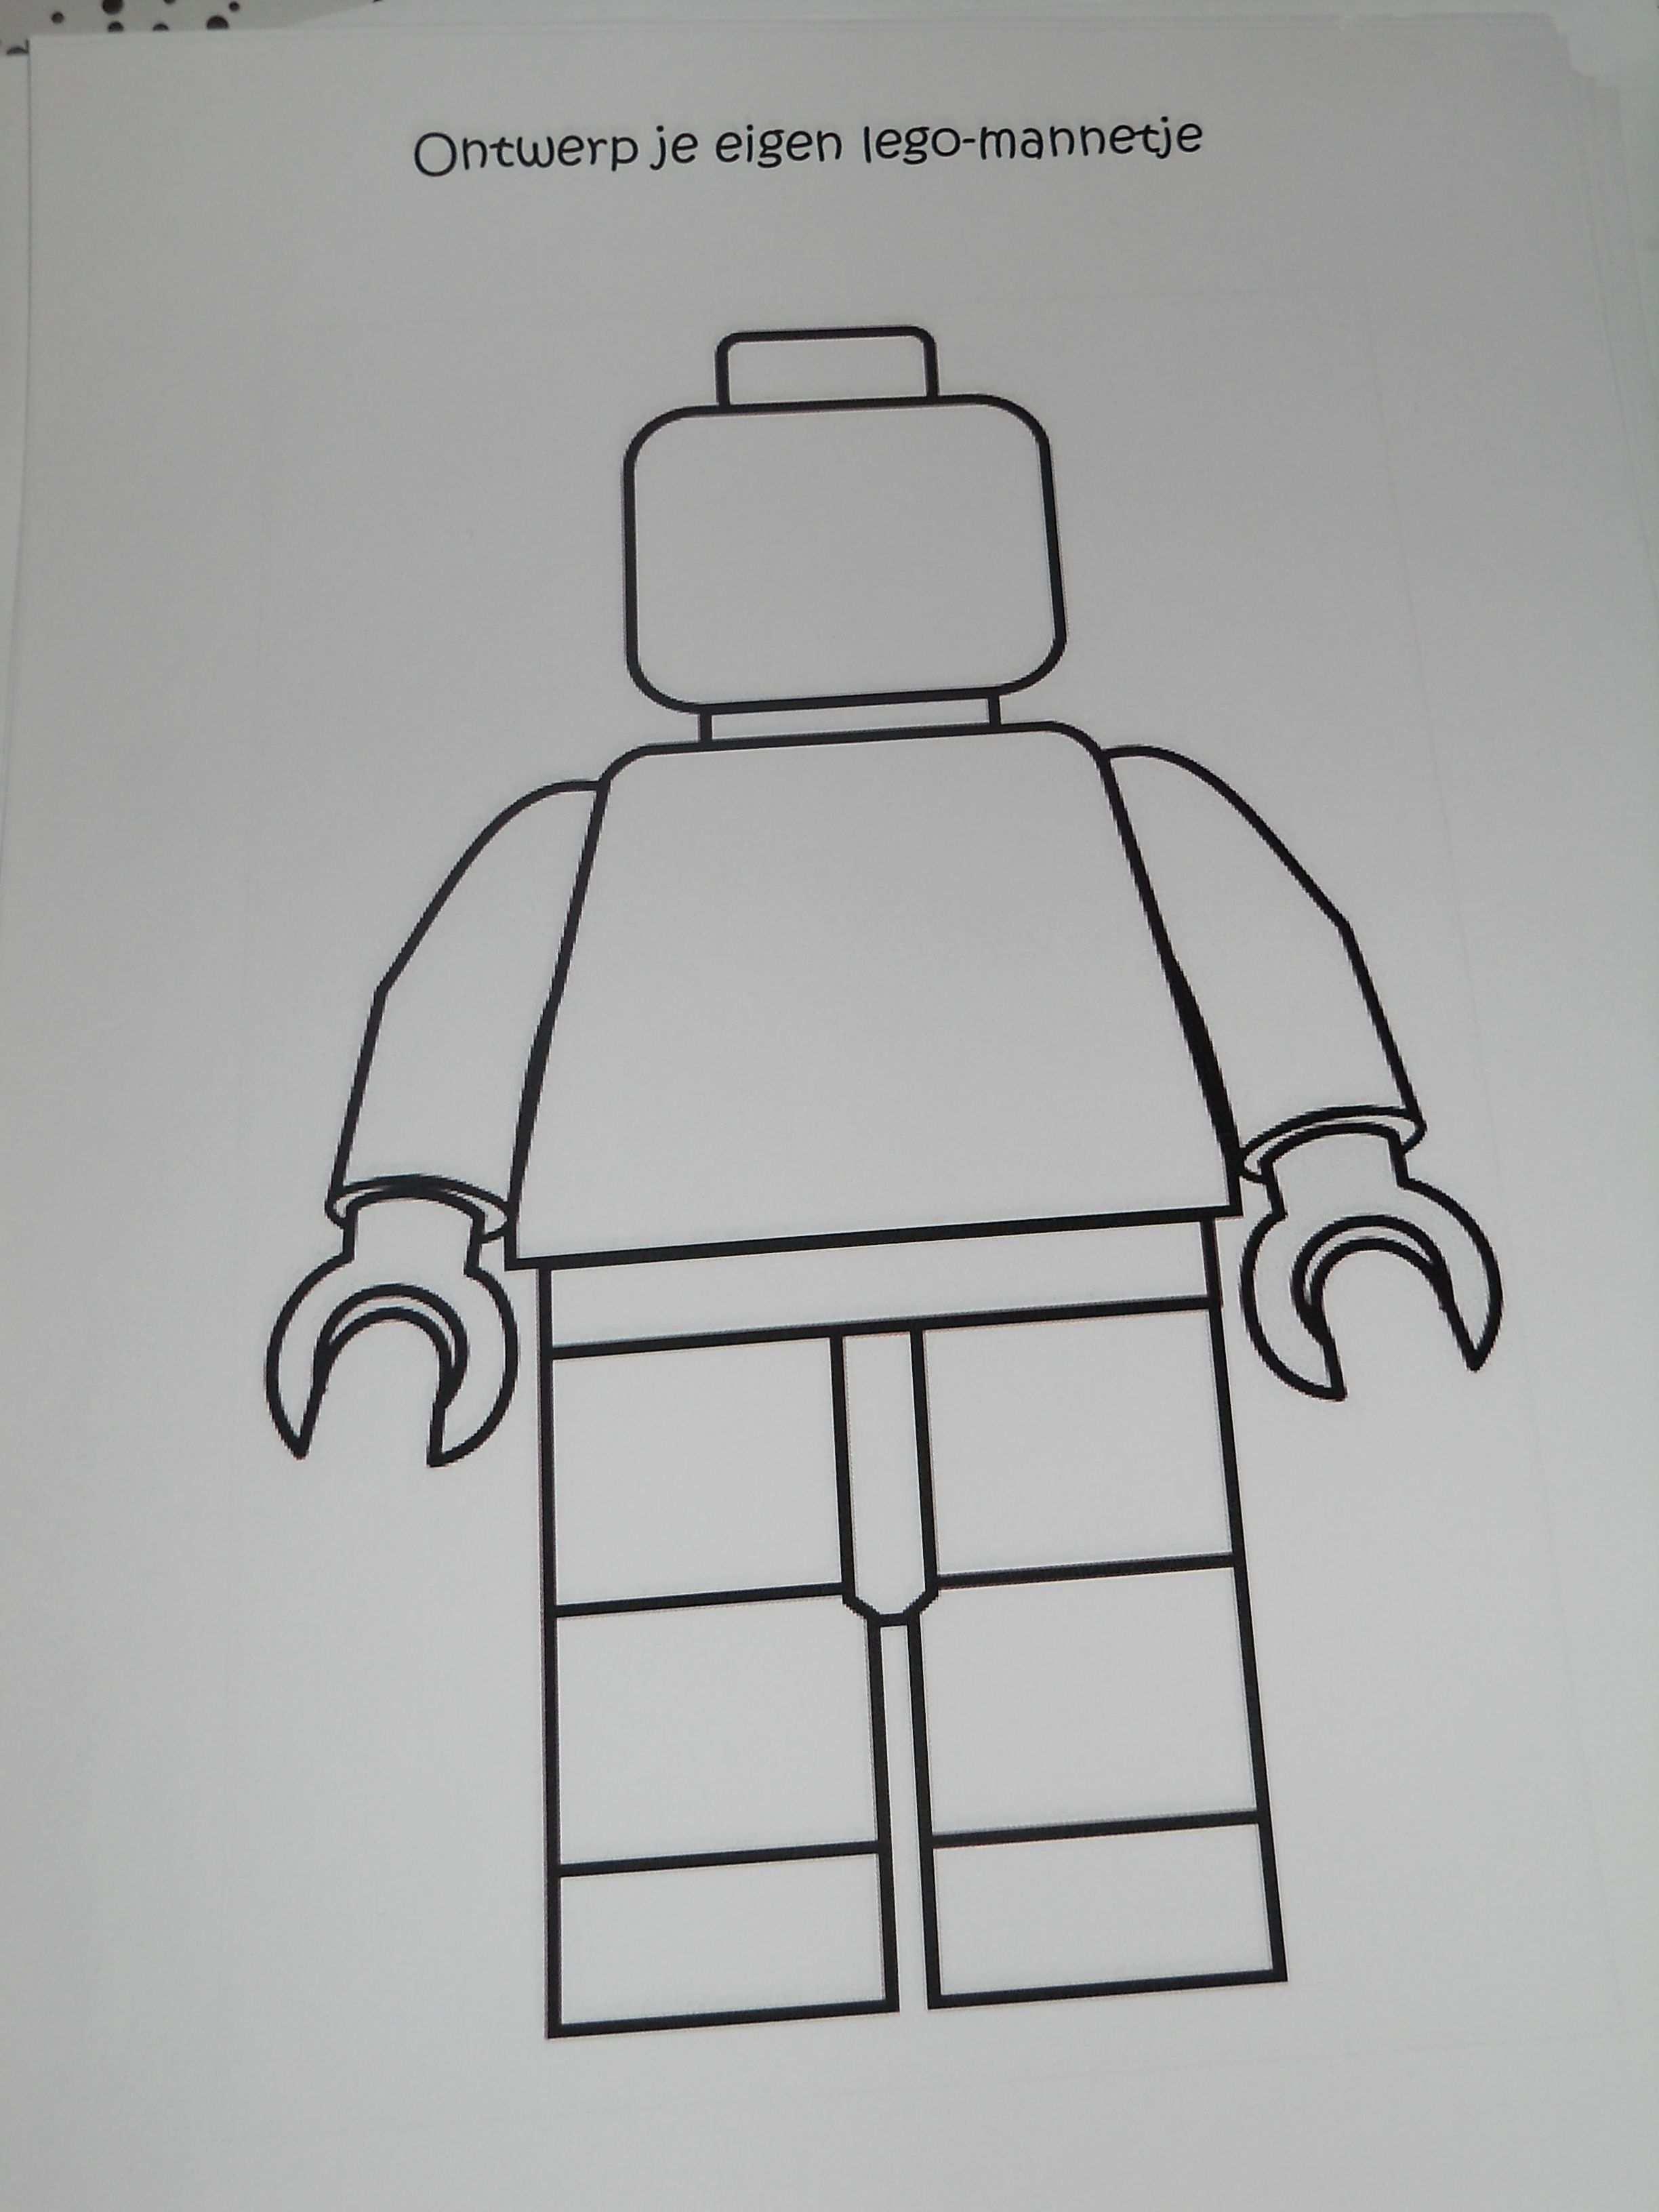 Ontwerp Je Eigen Lego Mannetje Holiday Activities Fun